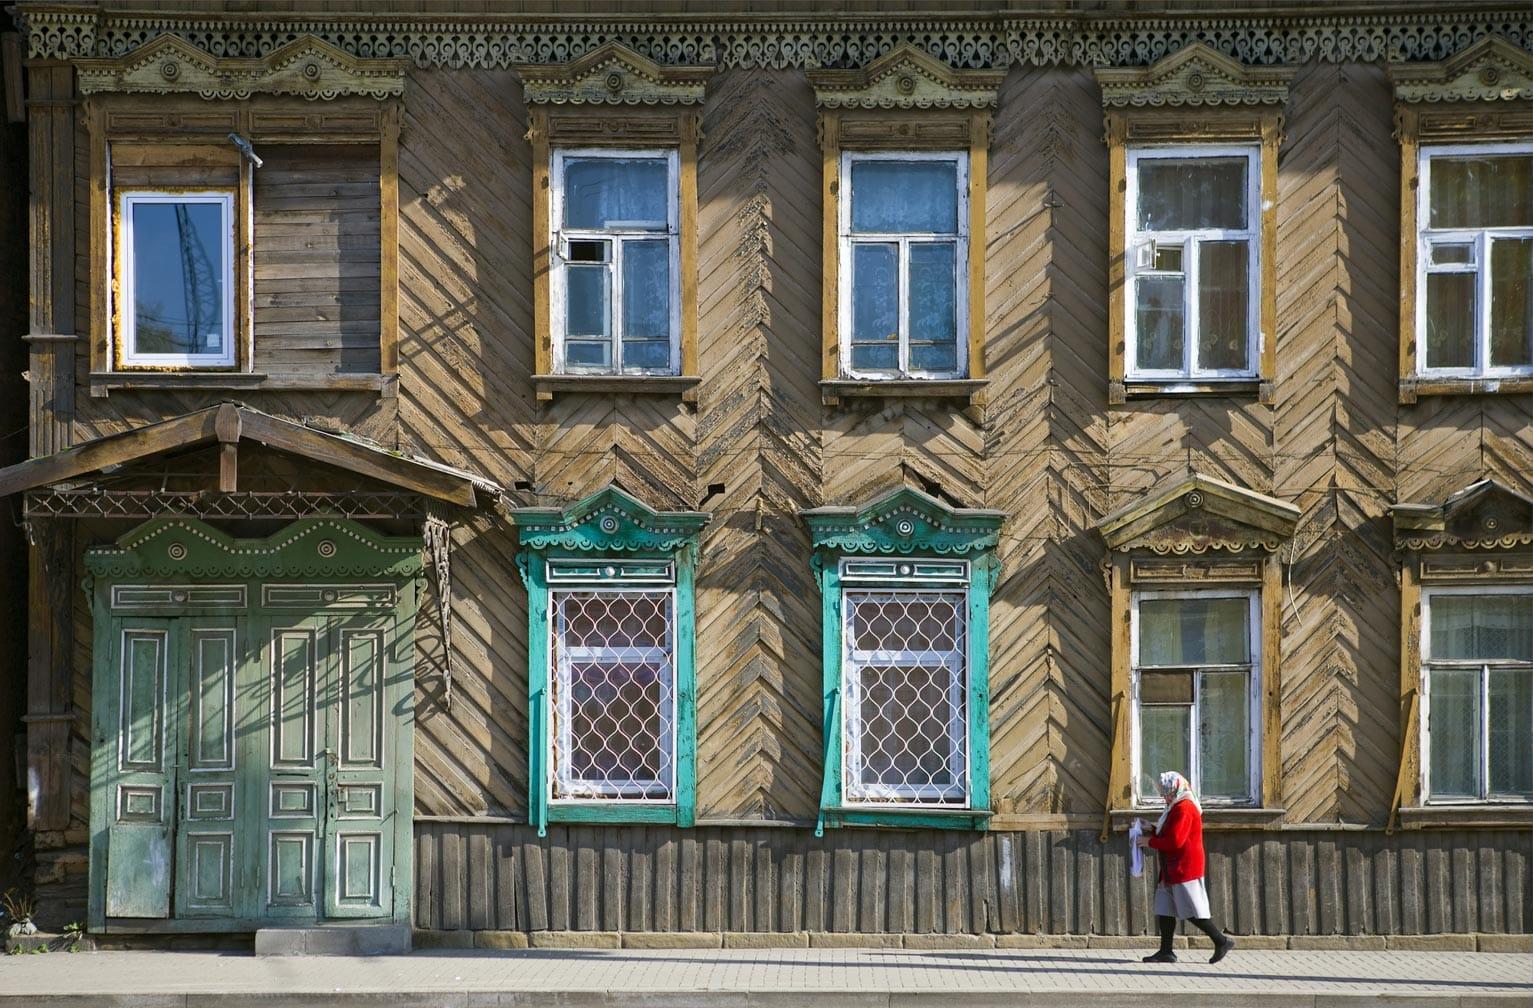 Irkutsk houses on the Ulaan Baatar Express: Moscow to Ulaan Baatar journey